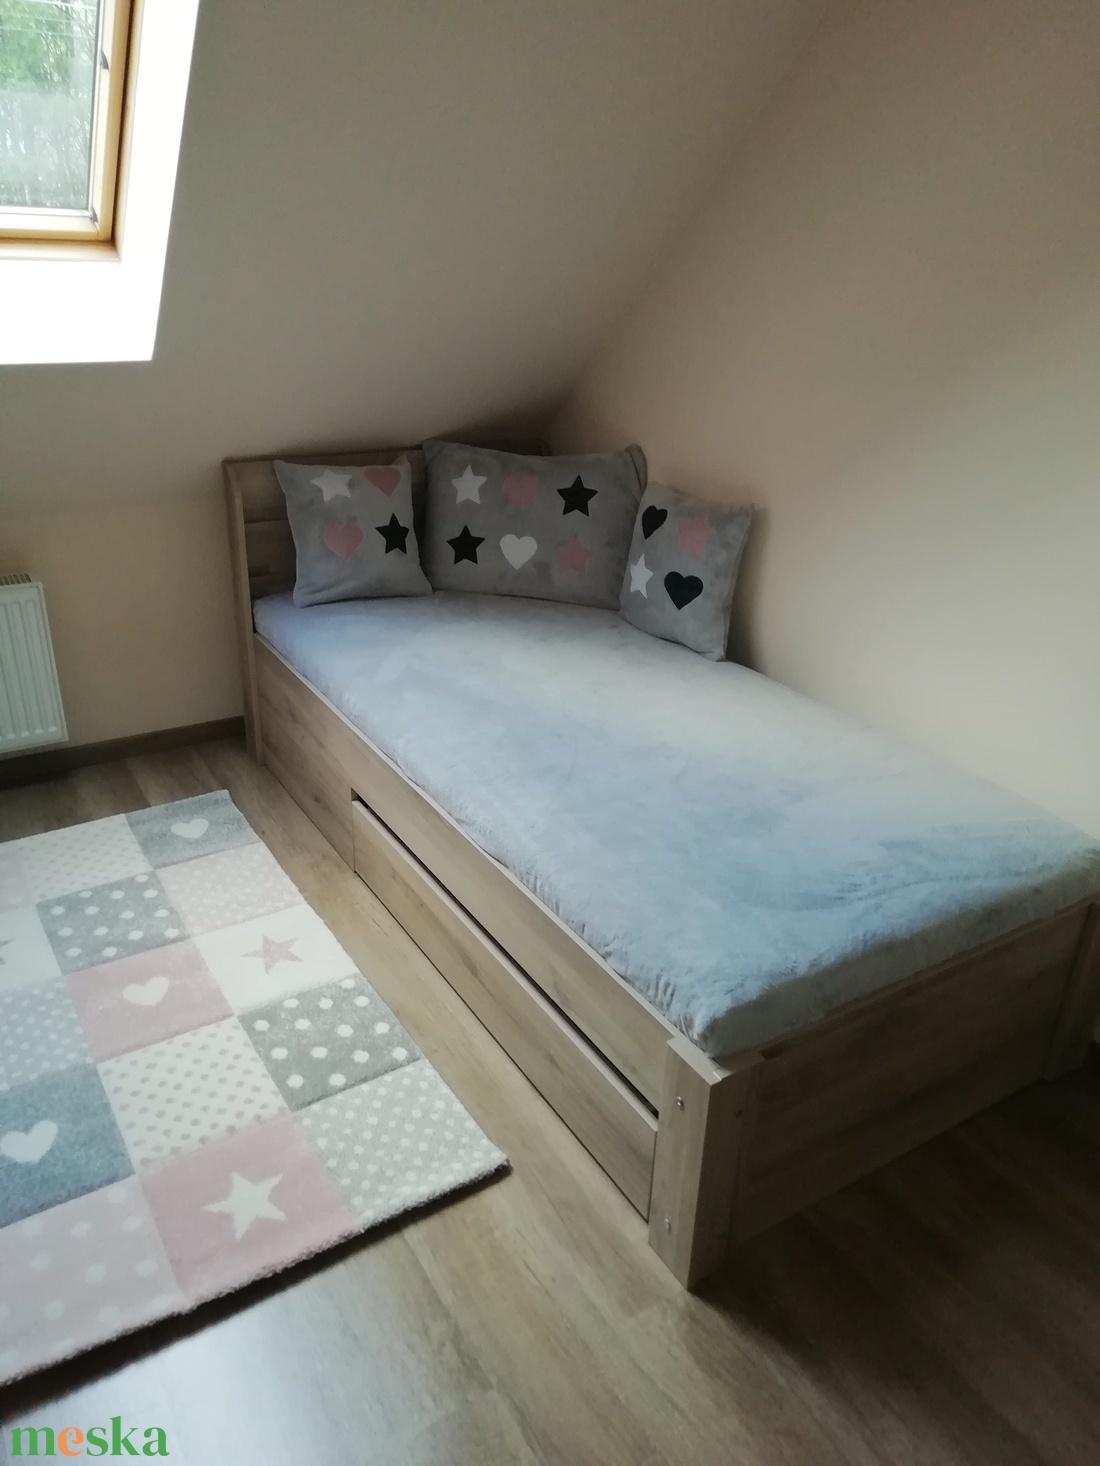 Ágytakaró - Praktikus, matracra ráfeszülős  körben gumis wellsoft ágytakaró - otthon & lakás - lakástextil - takaró - Meska.hu